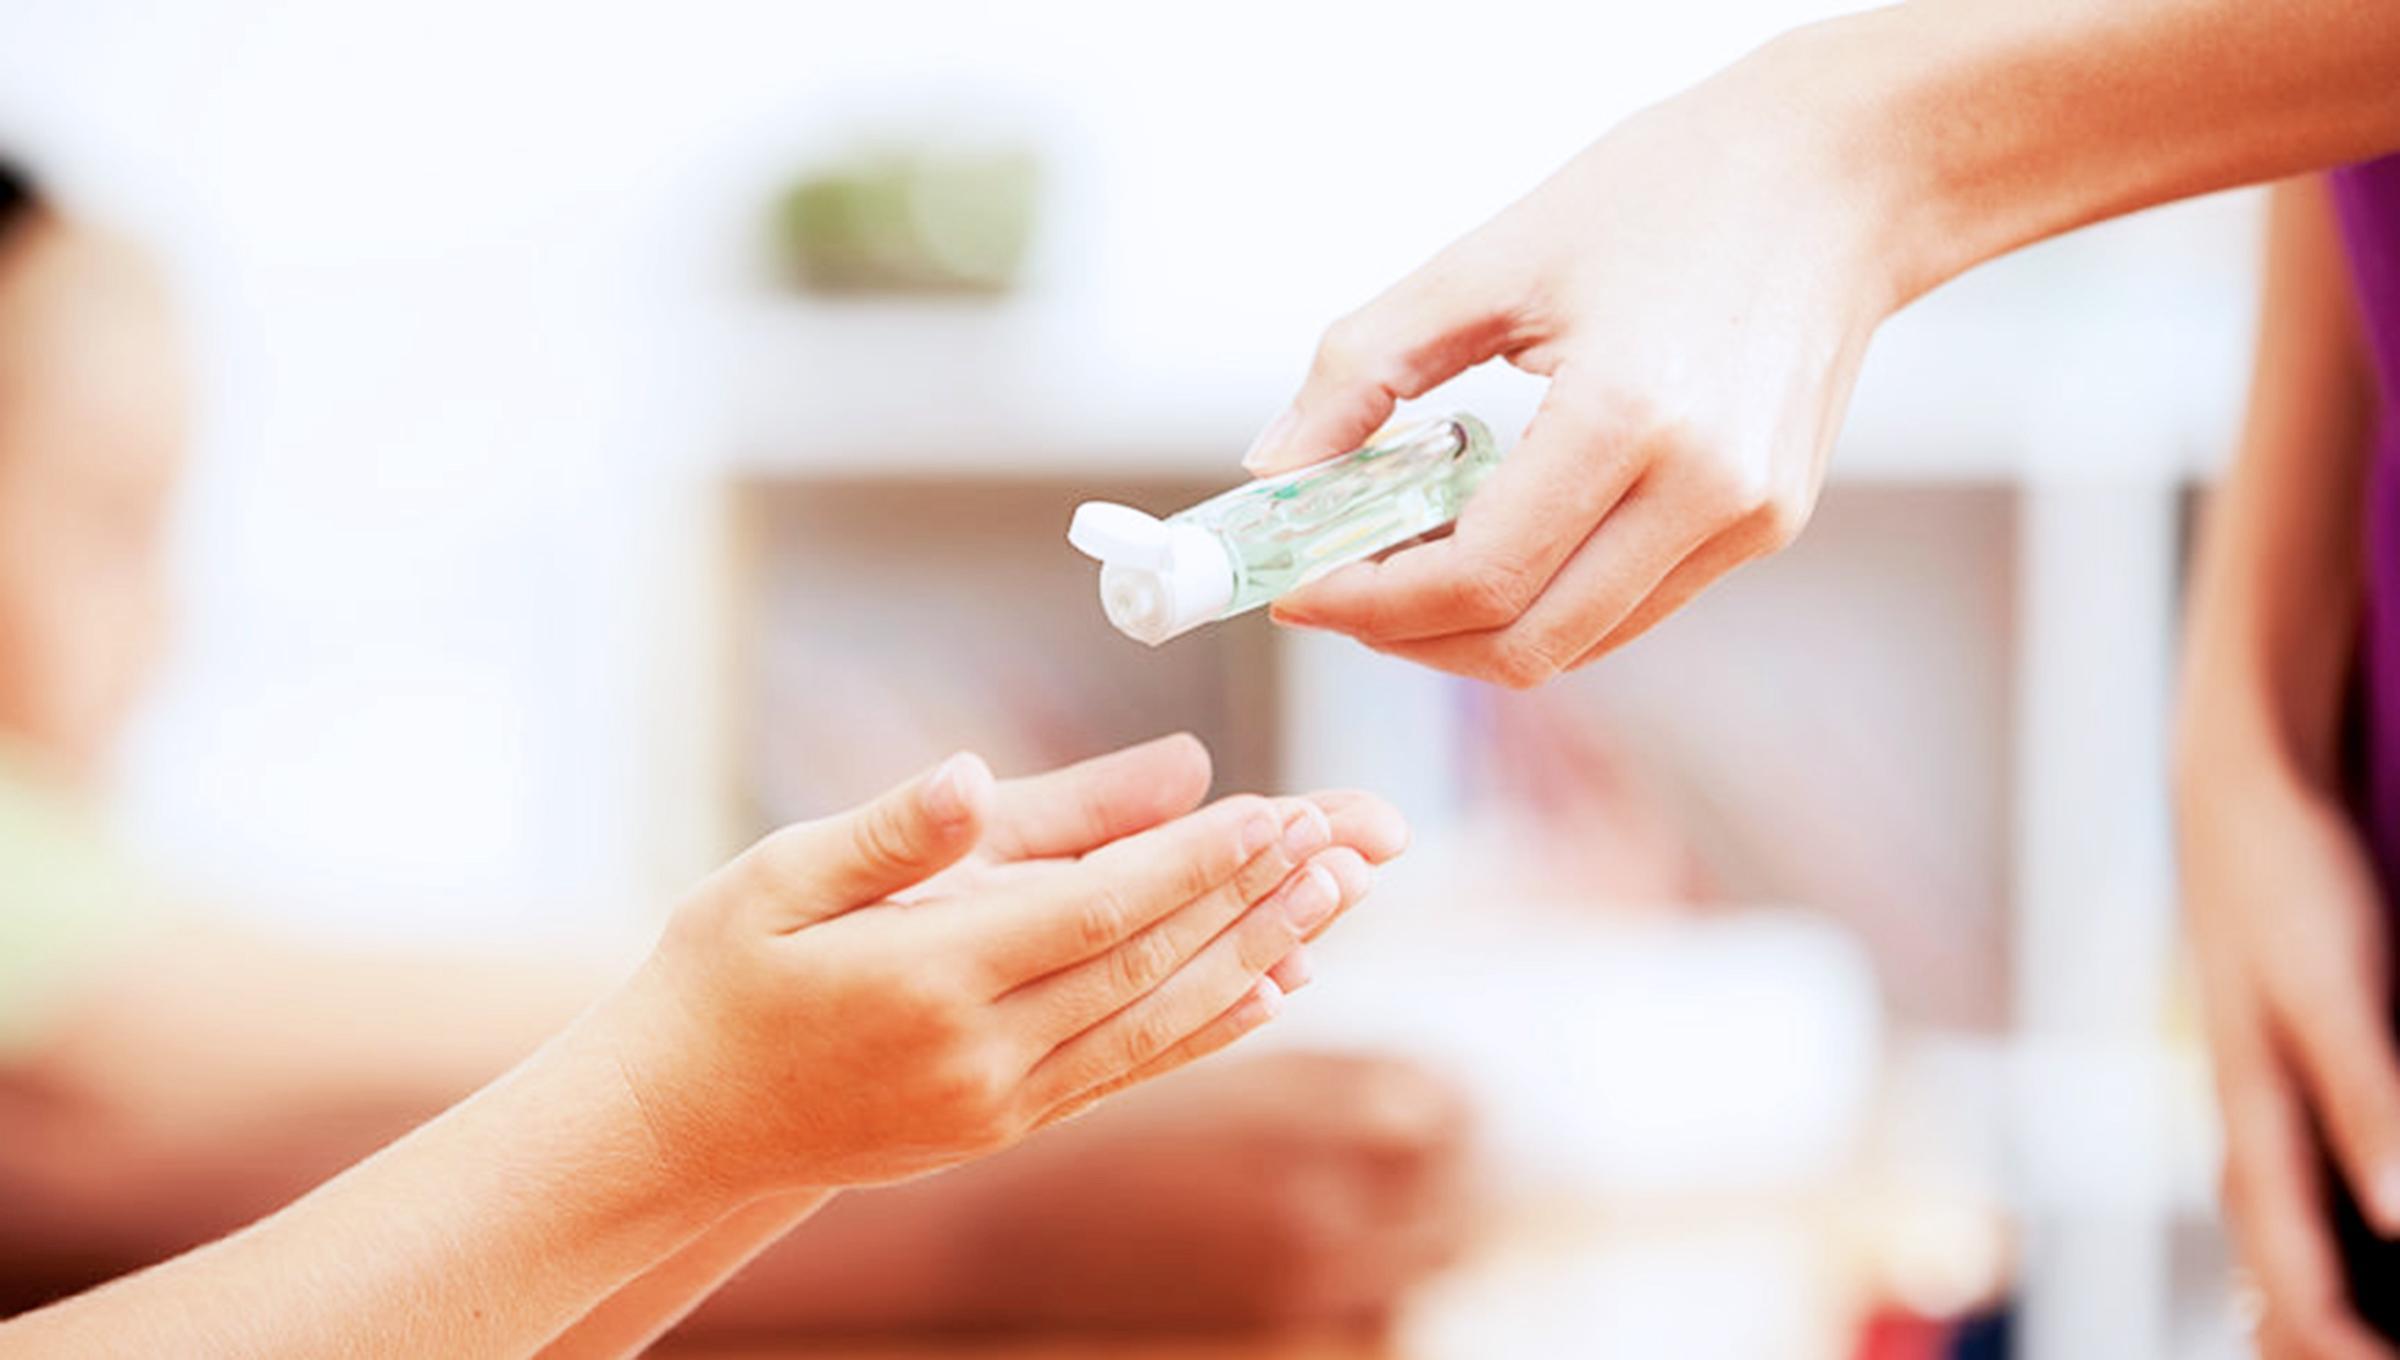 Bí quyết rửa chục lần mỗi ngày mà da tay vẫn mềm mại - 3